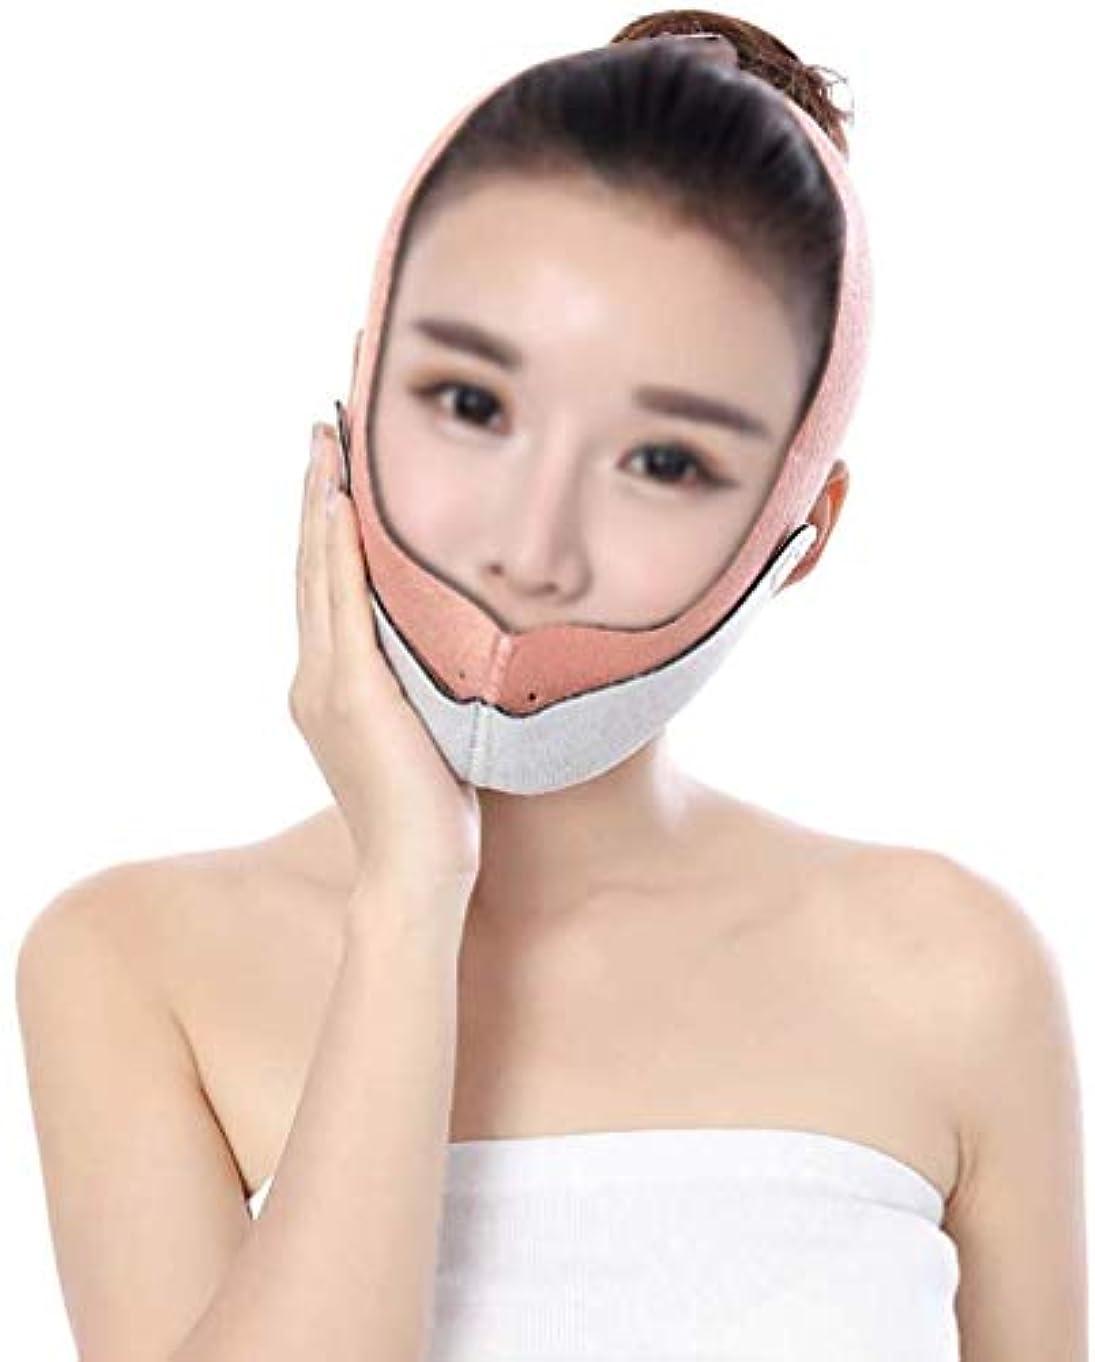 生物学襲撃原点美容と実用的な引き締めフェイスマスク、フェイスリフティングアーティファクト修正フェイスリフティングベルトたるみ防止包帯美容マスクマスクV顔布ツール